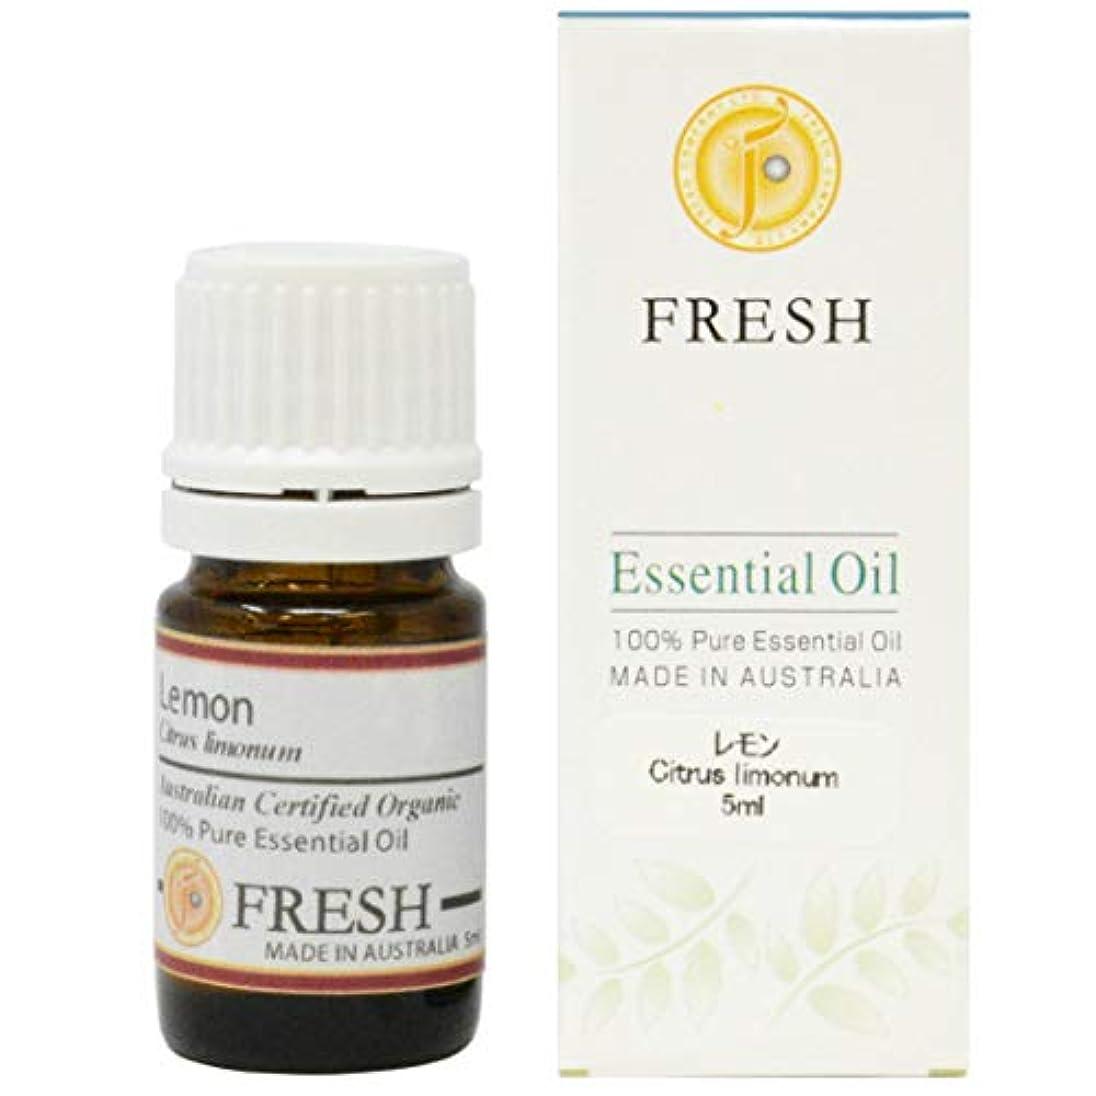 気づく質量ユニークなFRESH オーガニック エッセンシャルオイル レモン 5ml (FRESH 精油)